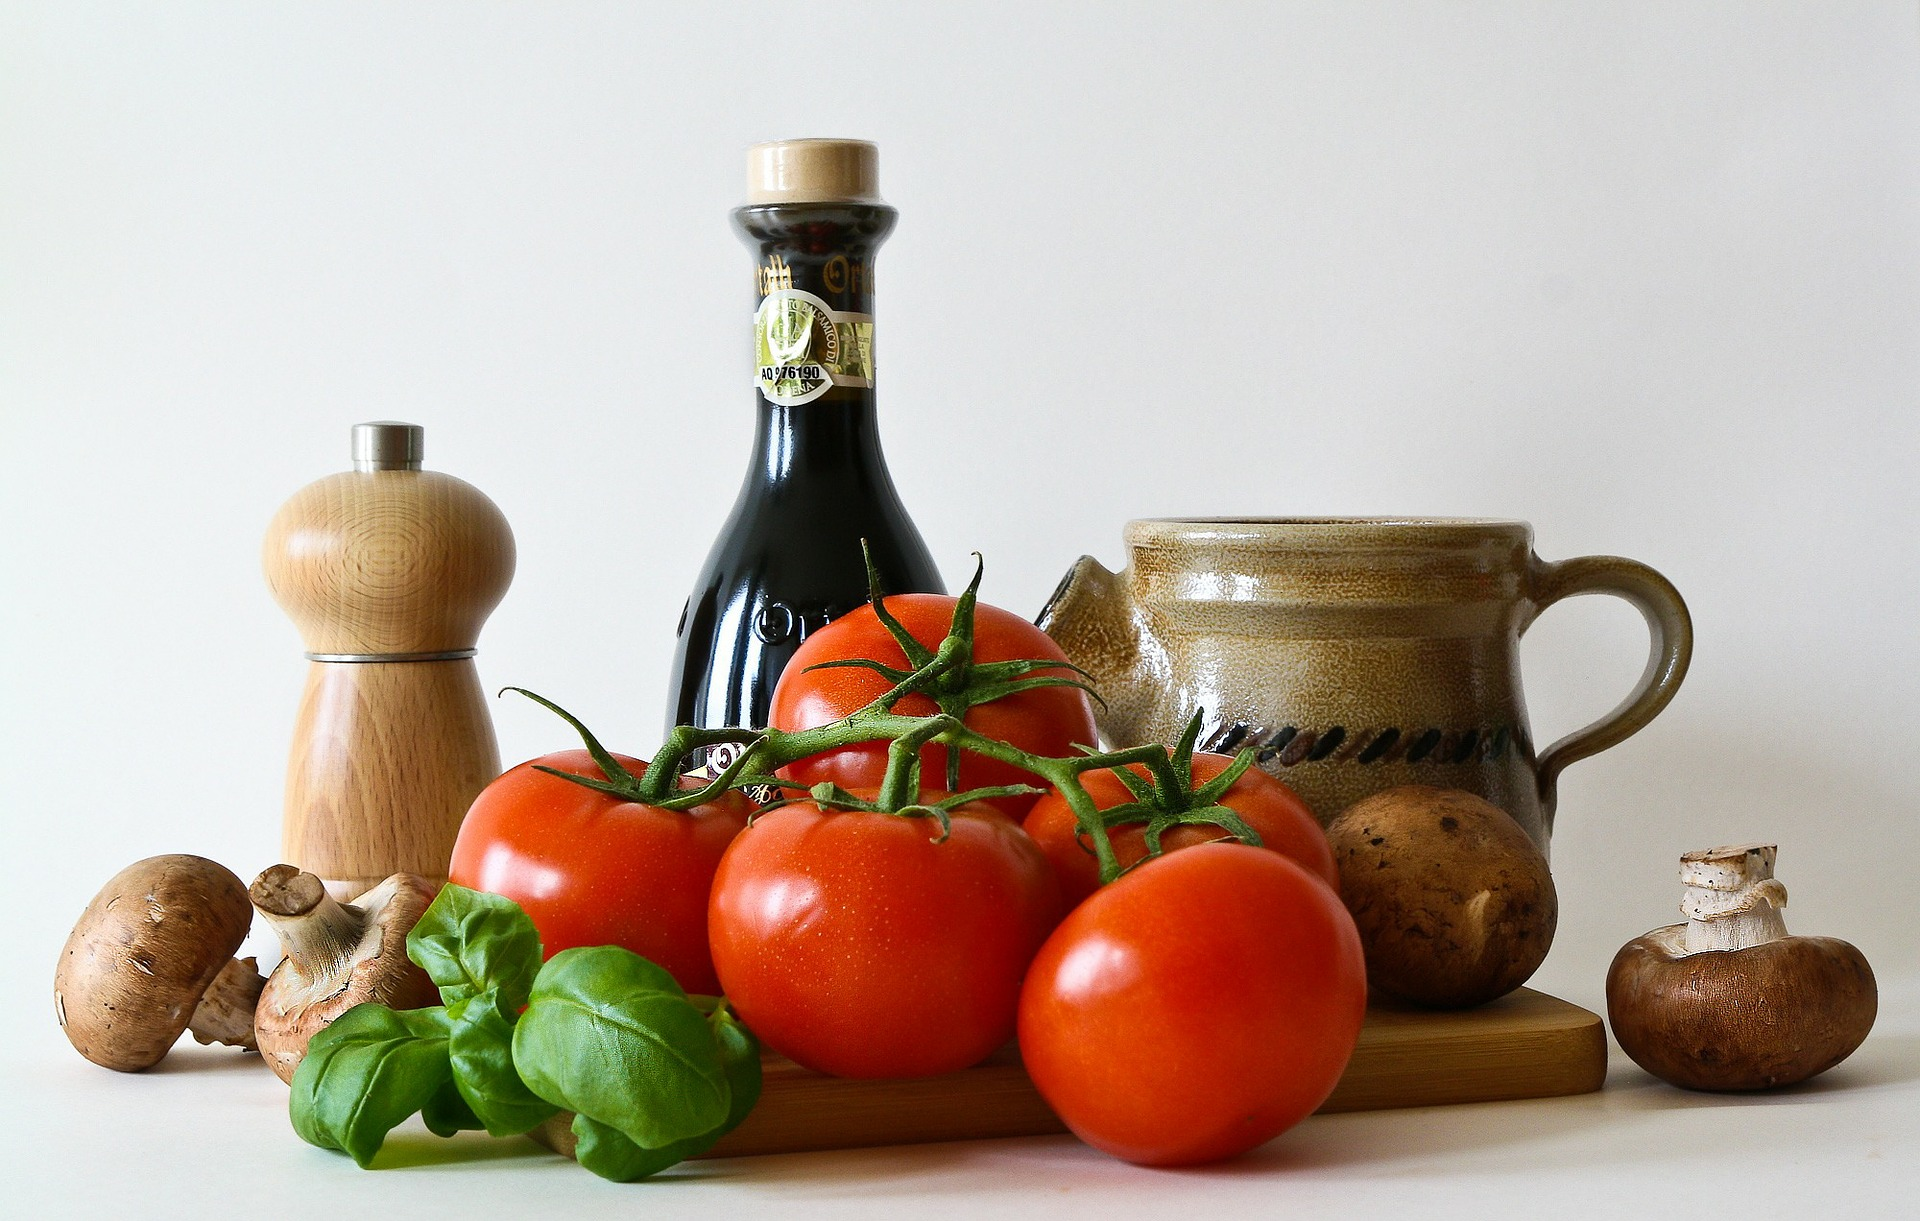 Zdrowa żywność – dlaczego warto?